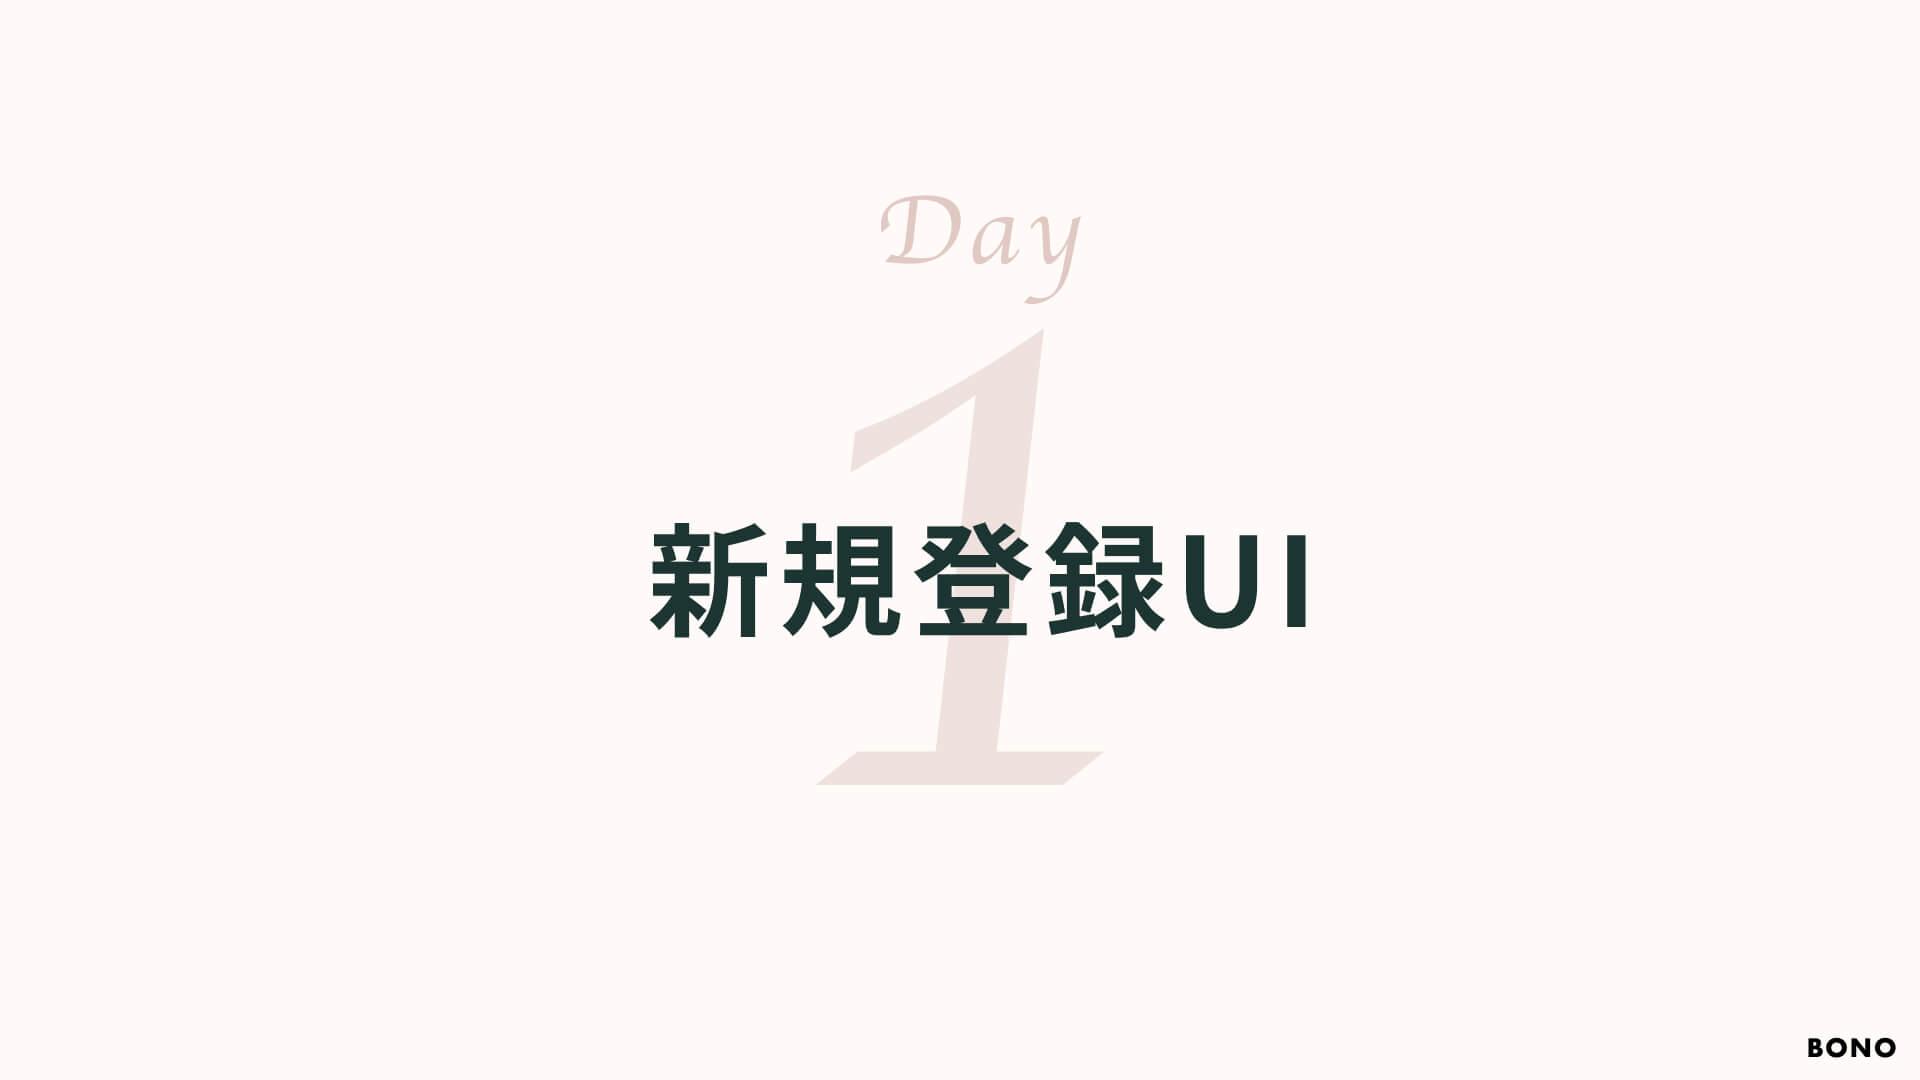 【Daily音声SNS】DAY1-お題